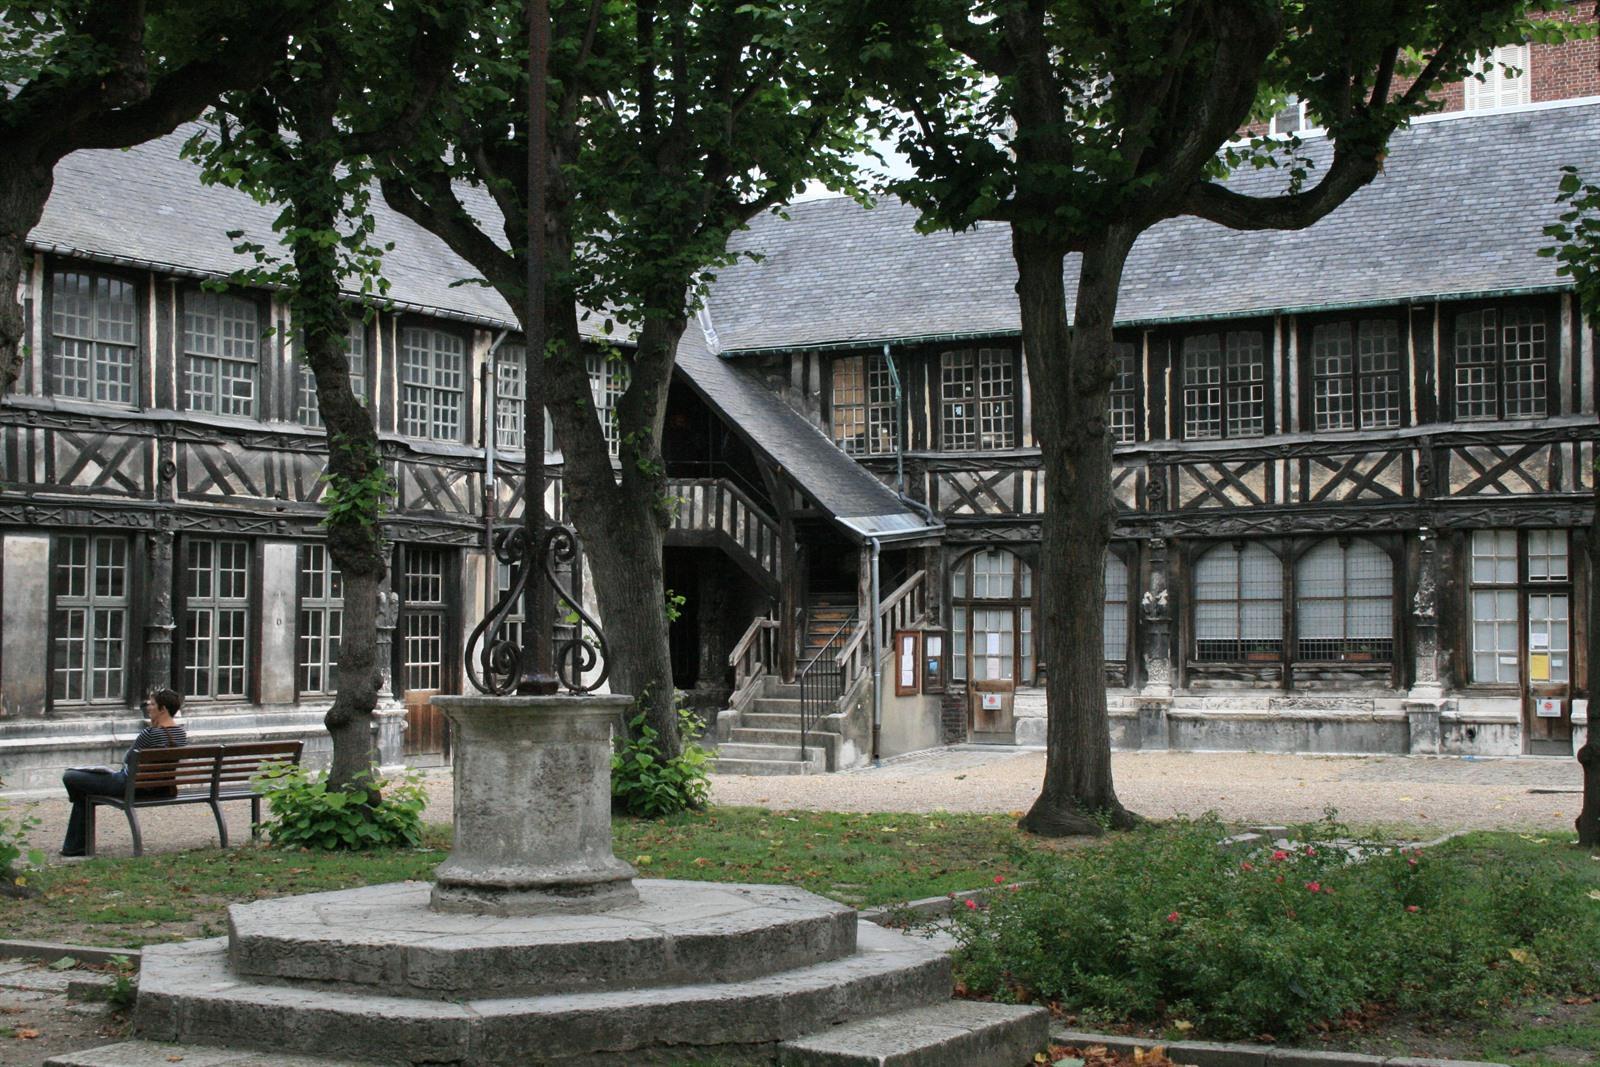 Stadswandeling rouen - Verblijf kathedraal ...